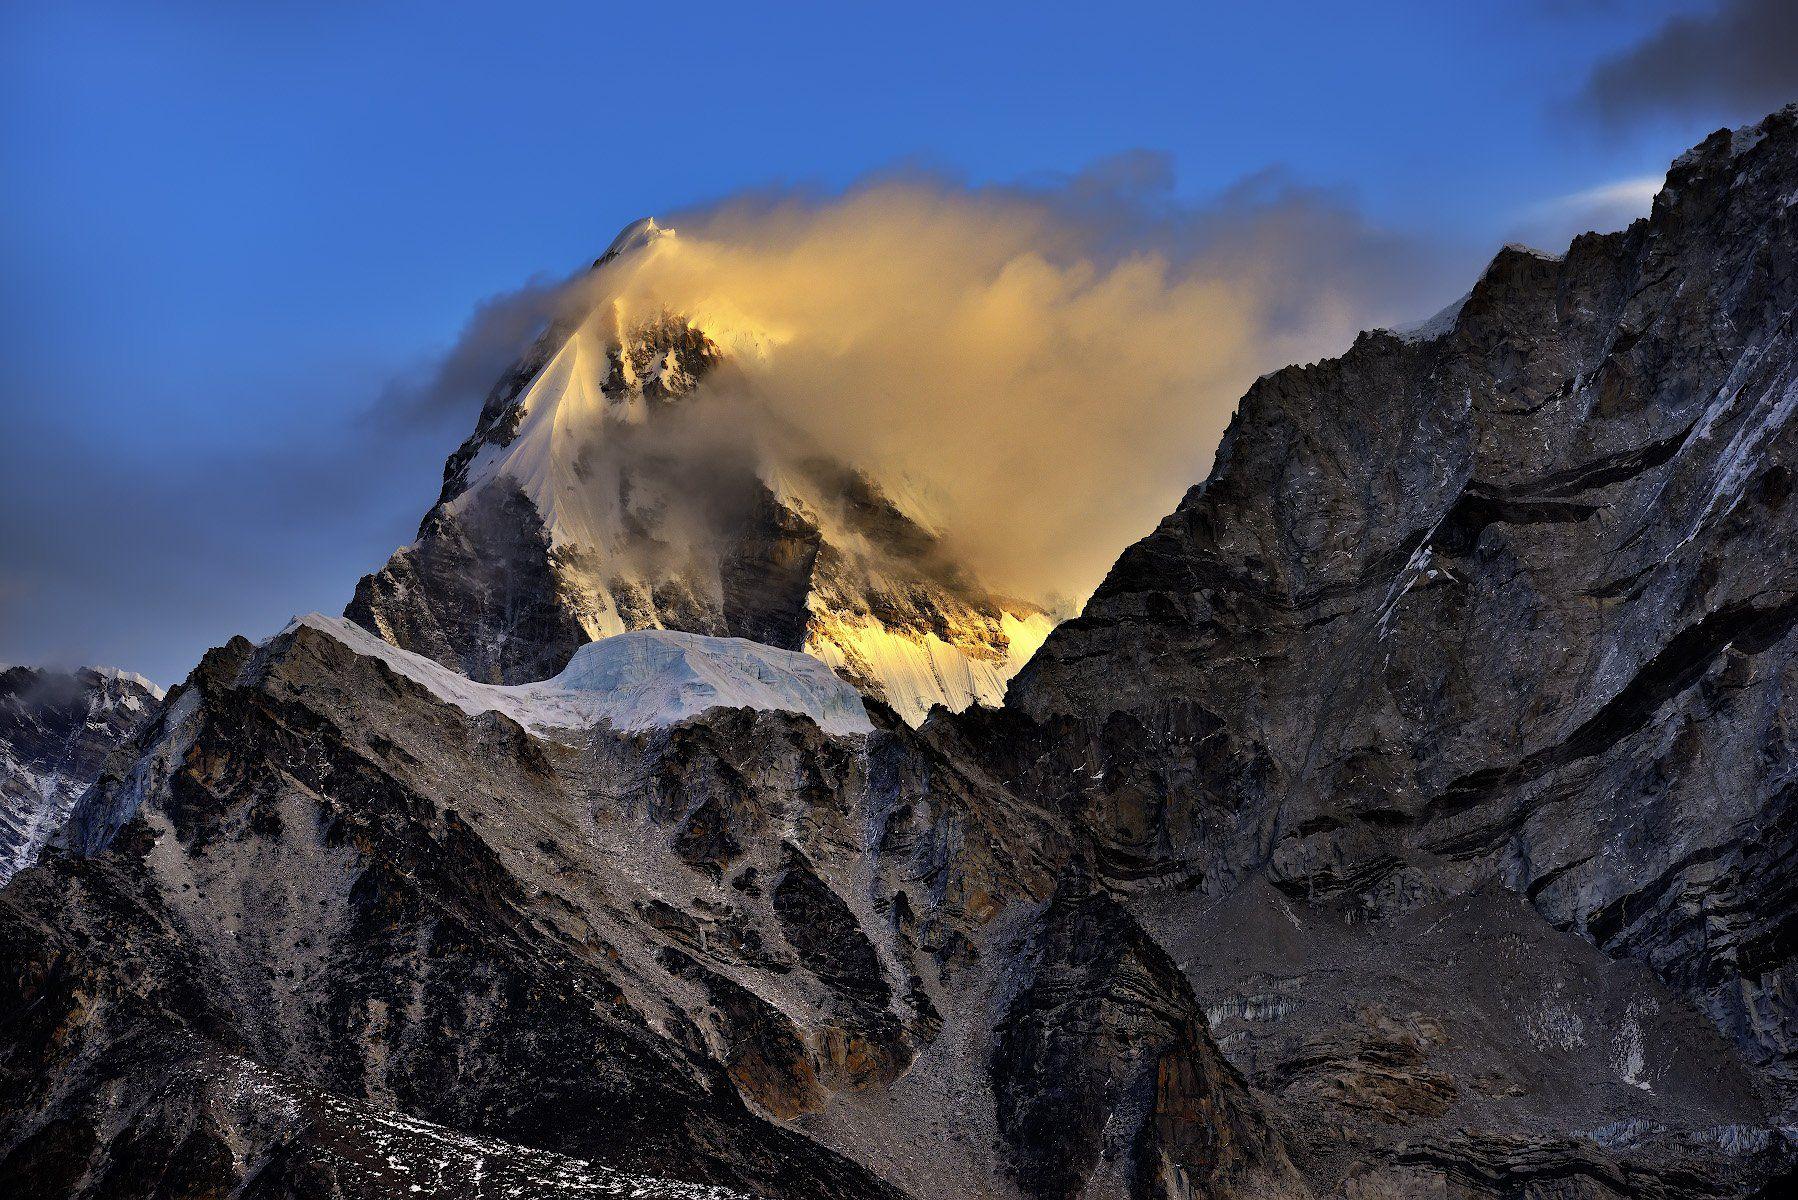 горы, утро, непал, гималаи, Храмцов Владислав